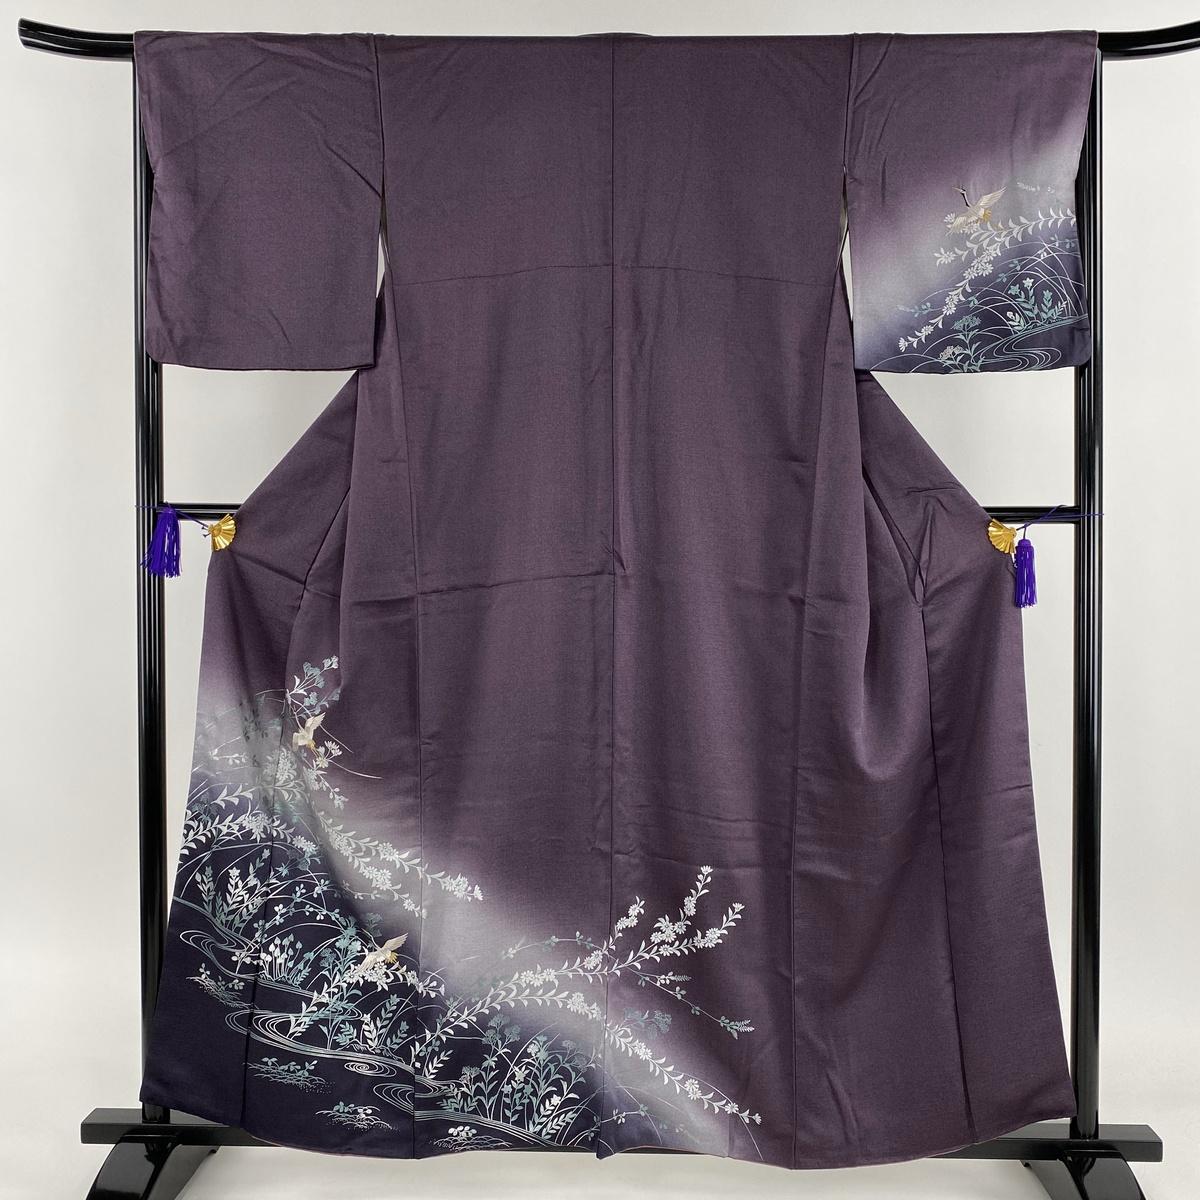 訪問着 美品 名品 草花 鶴 金糸 刺繍 紫 袷 身丈159cm 裄丈65cm M 正絹 【中古】